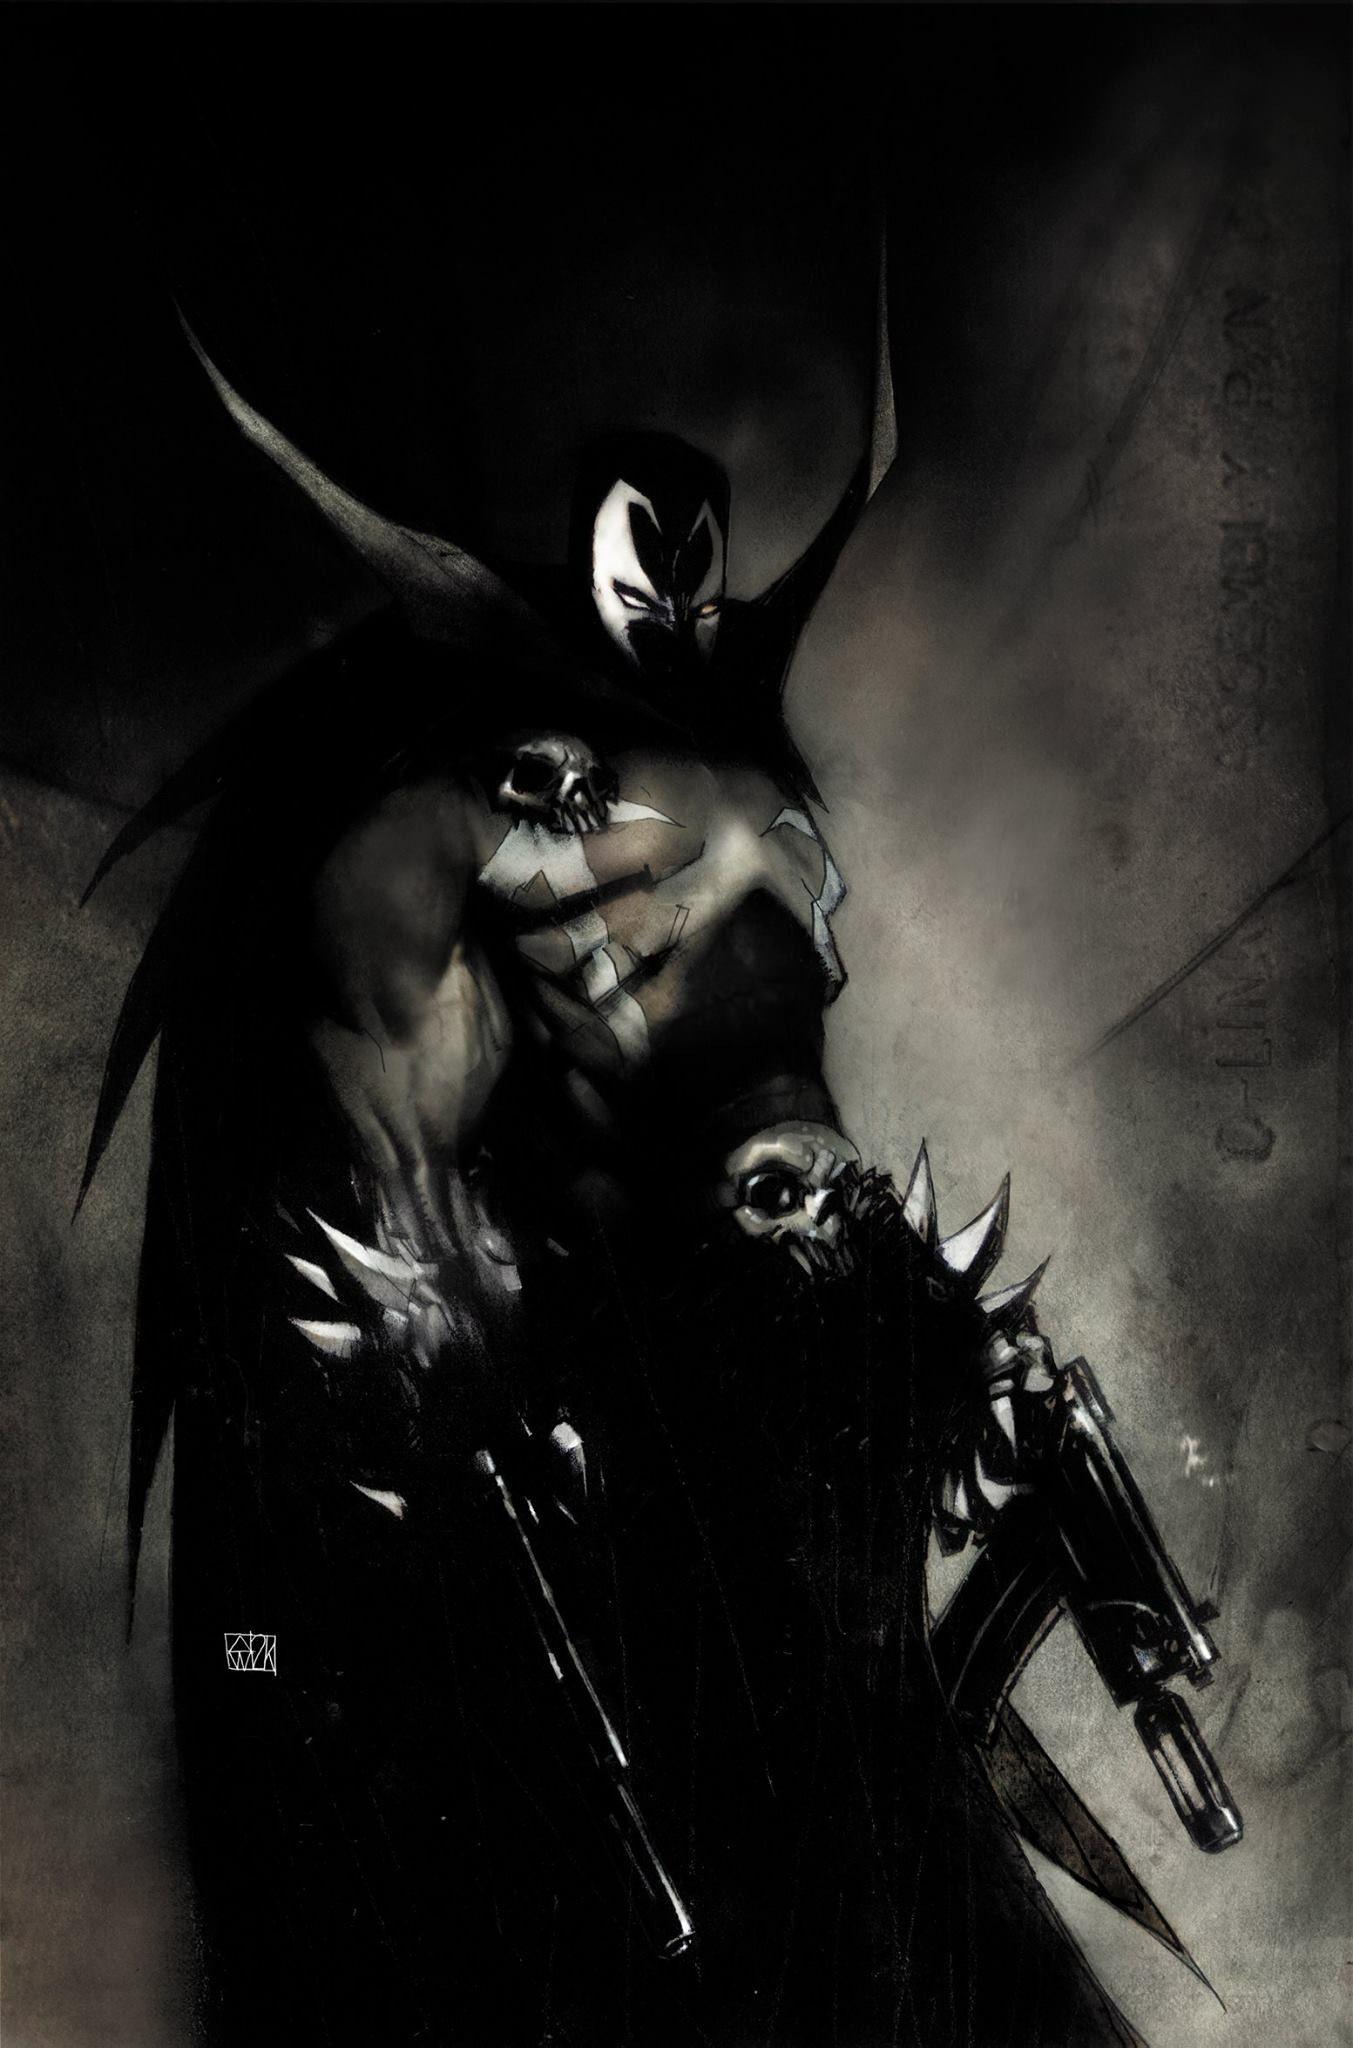 Pin de Joshua Henson en Dark Side   Pinterest   Caballero oscuro ...